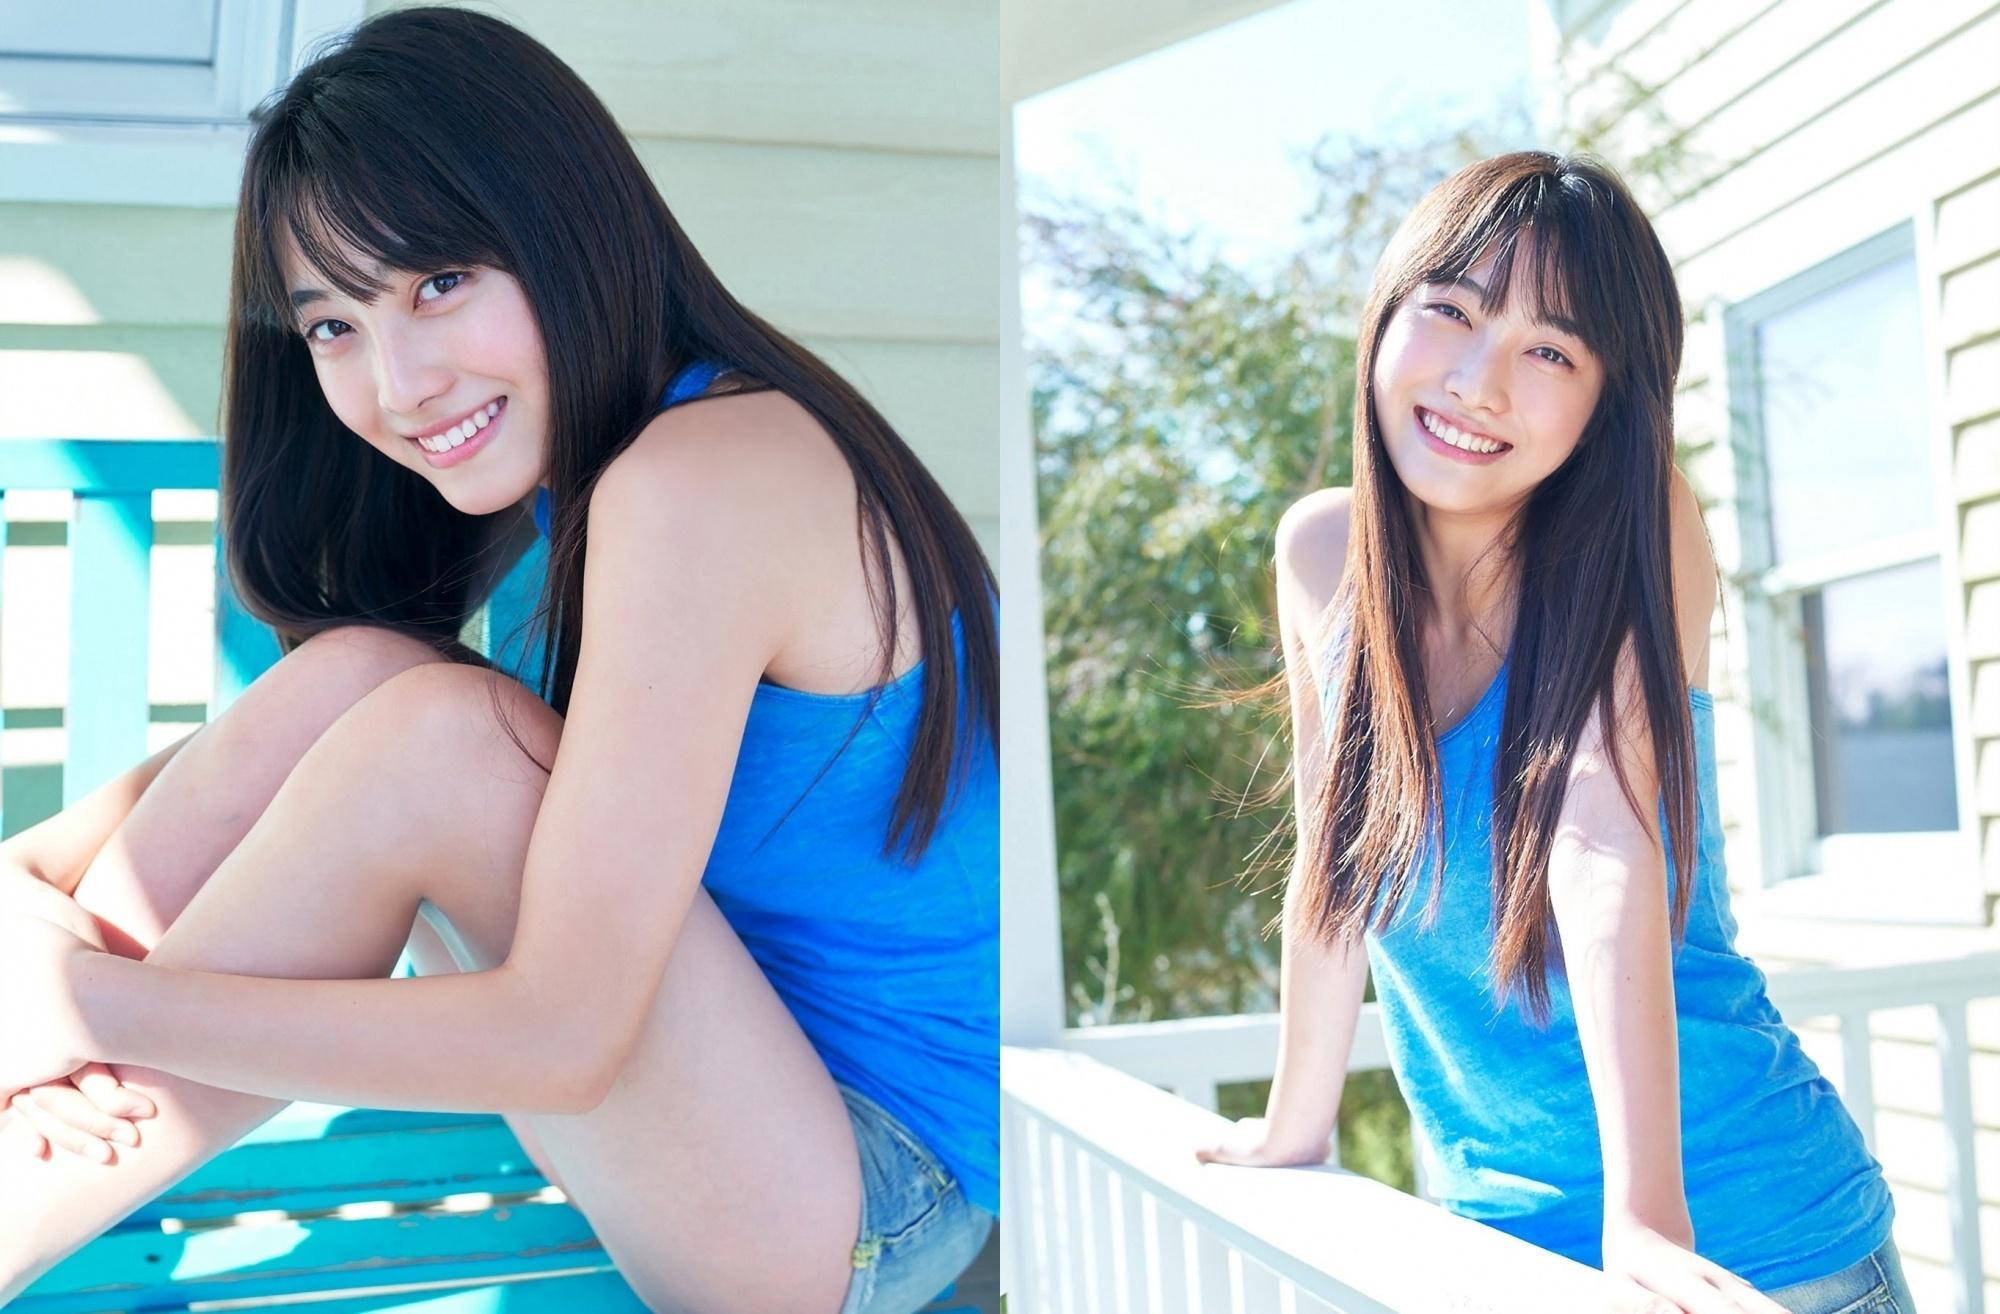 地表最可爱高中生福田ルミカ清爽笑颜透明感十足让人忍不住回想起那段青涩初恋